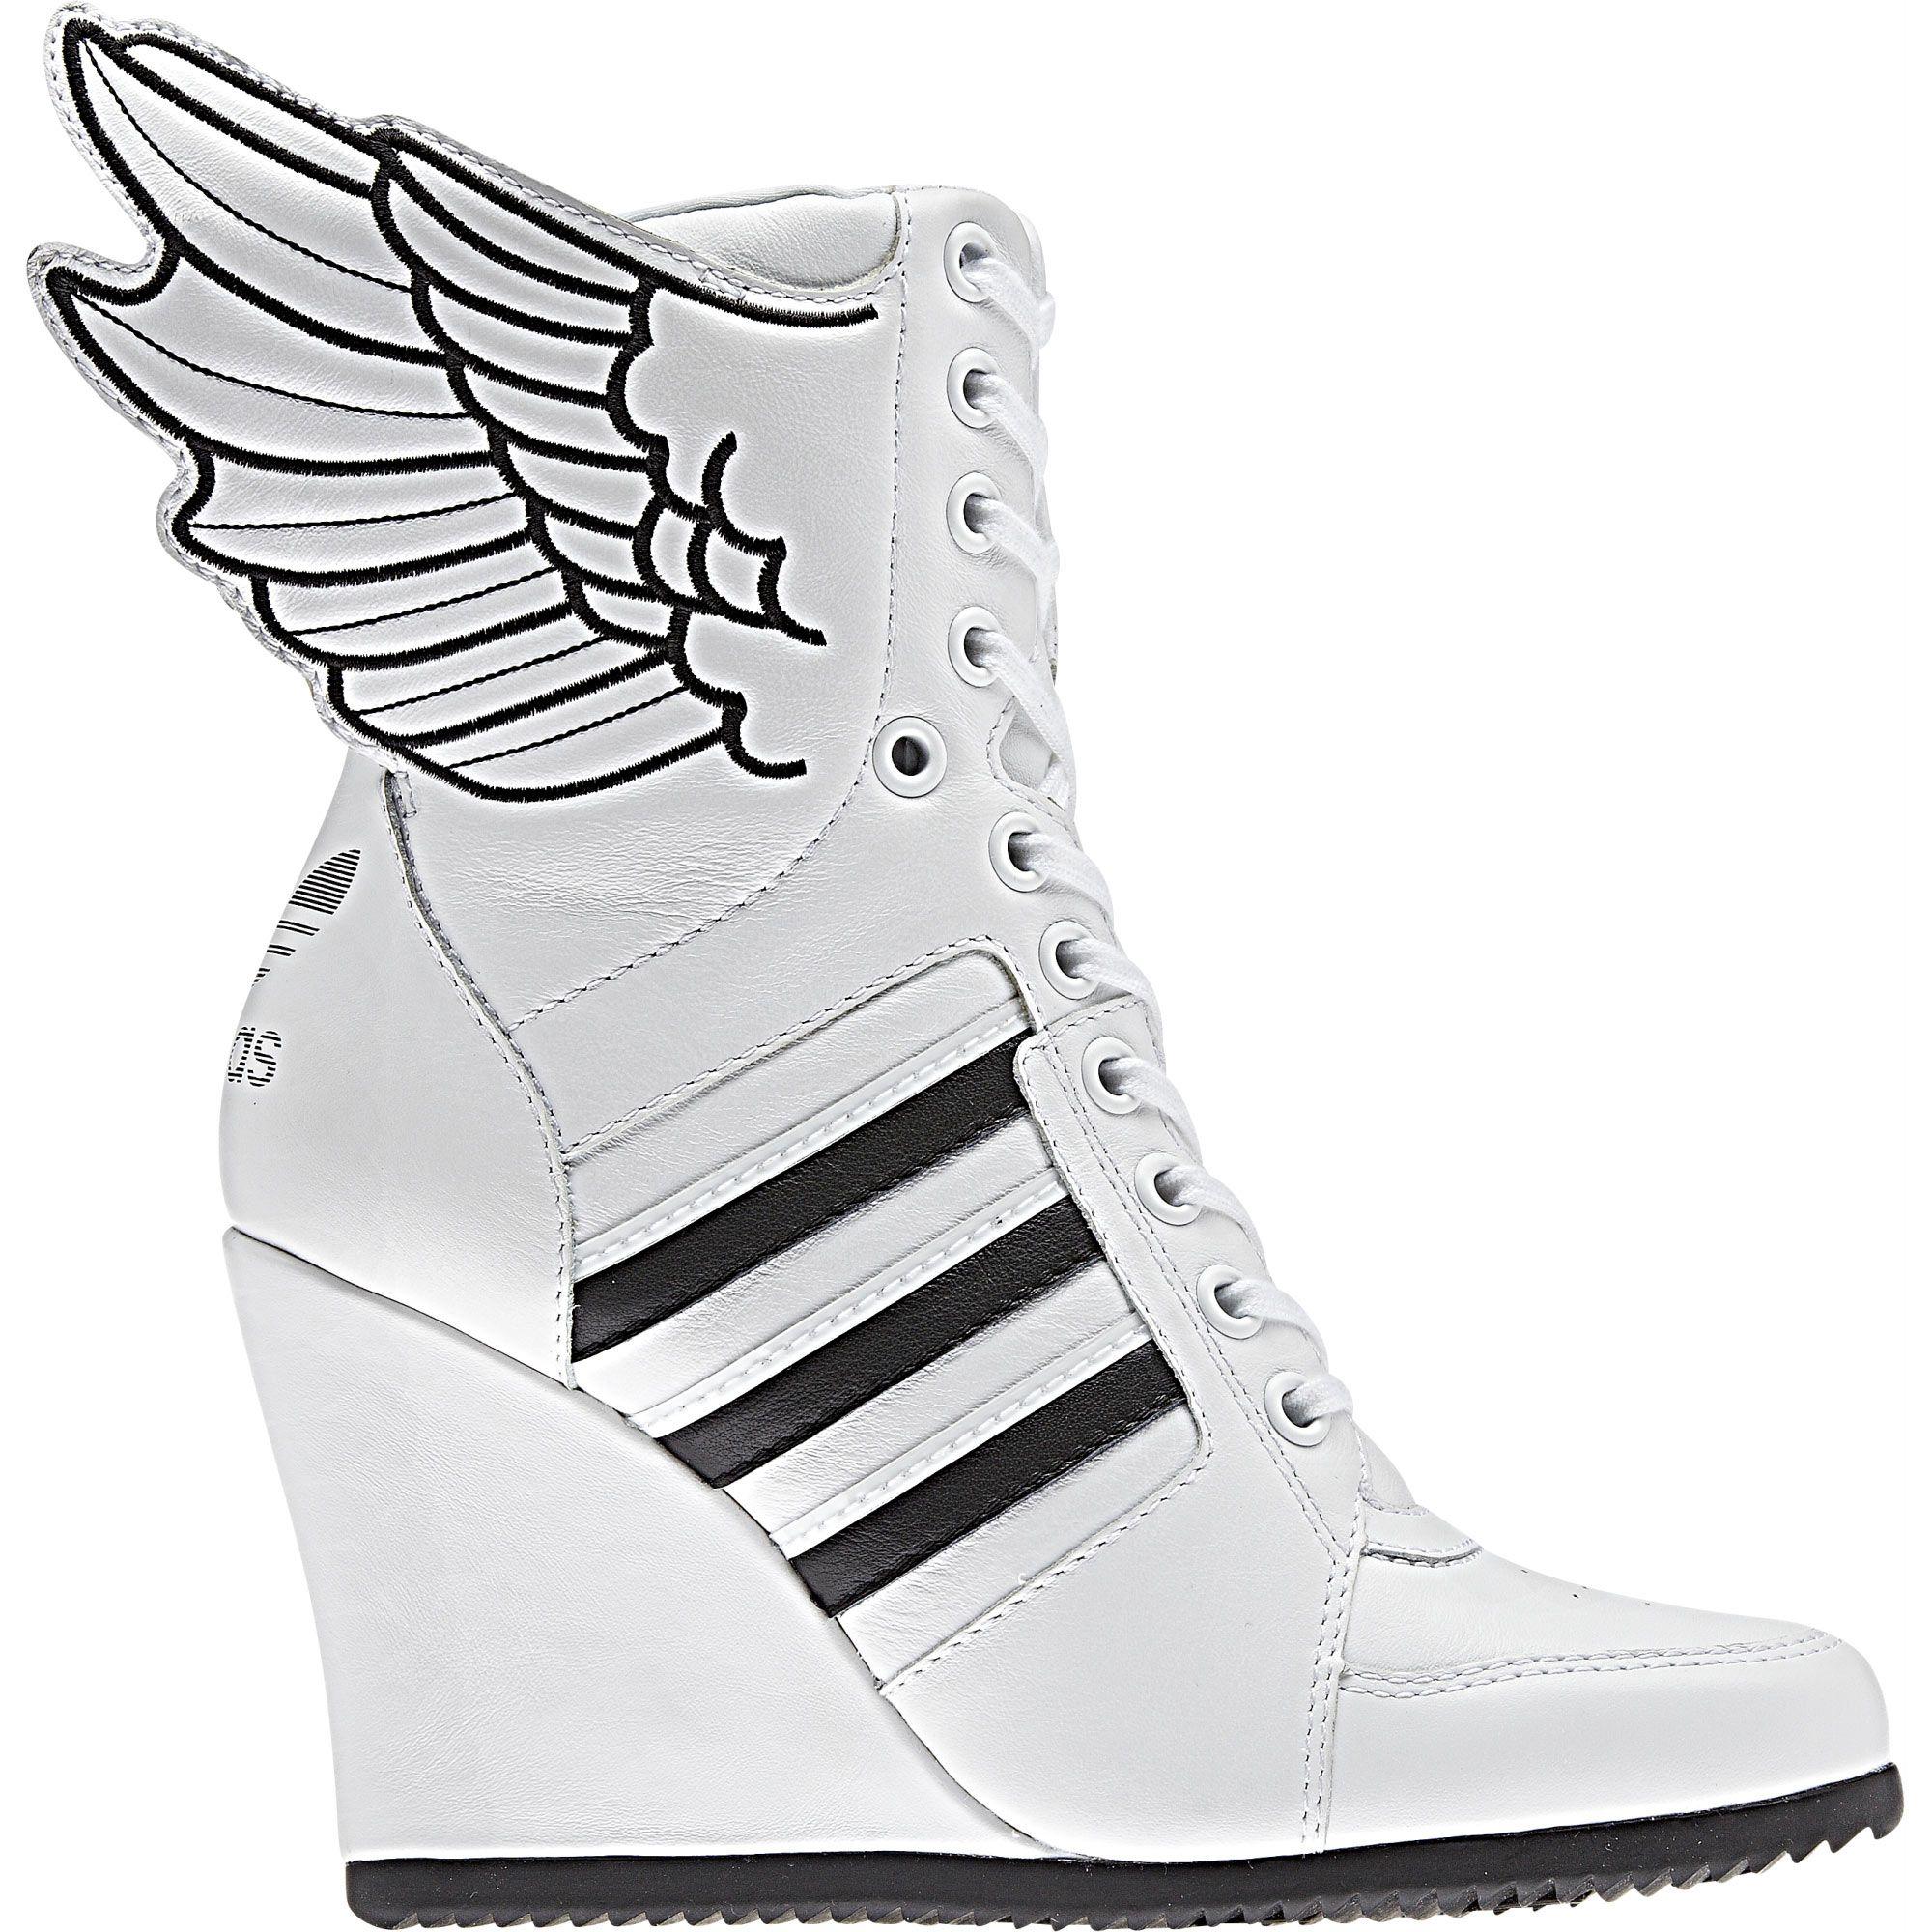 the latest 431c6 52417 adidas Wings Wedge Hi Shoes  adidas Ireland